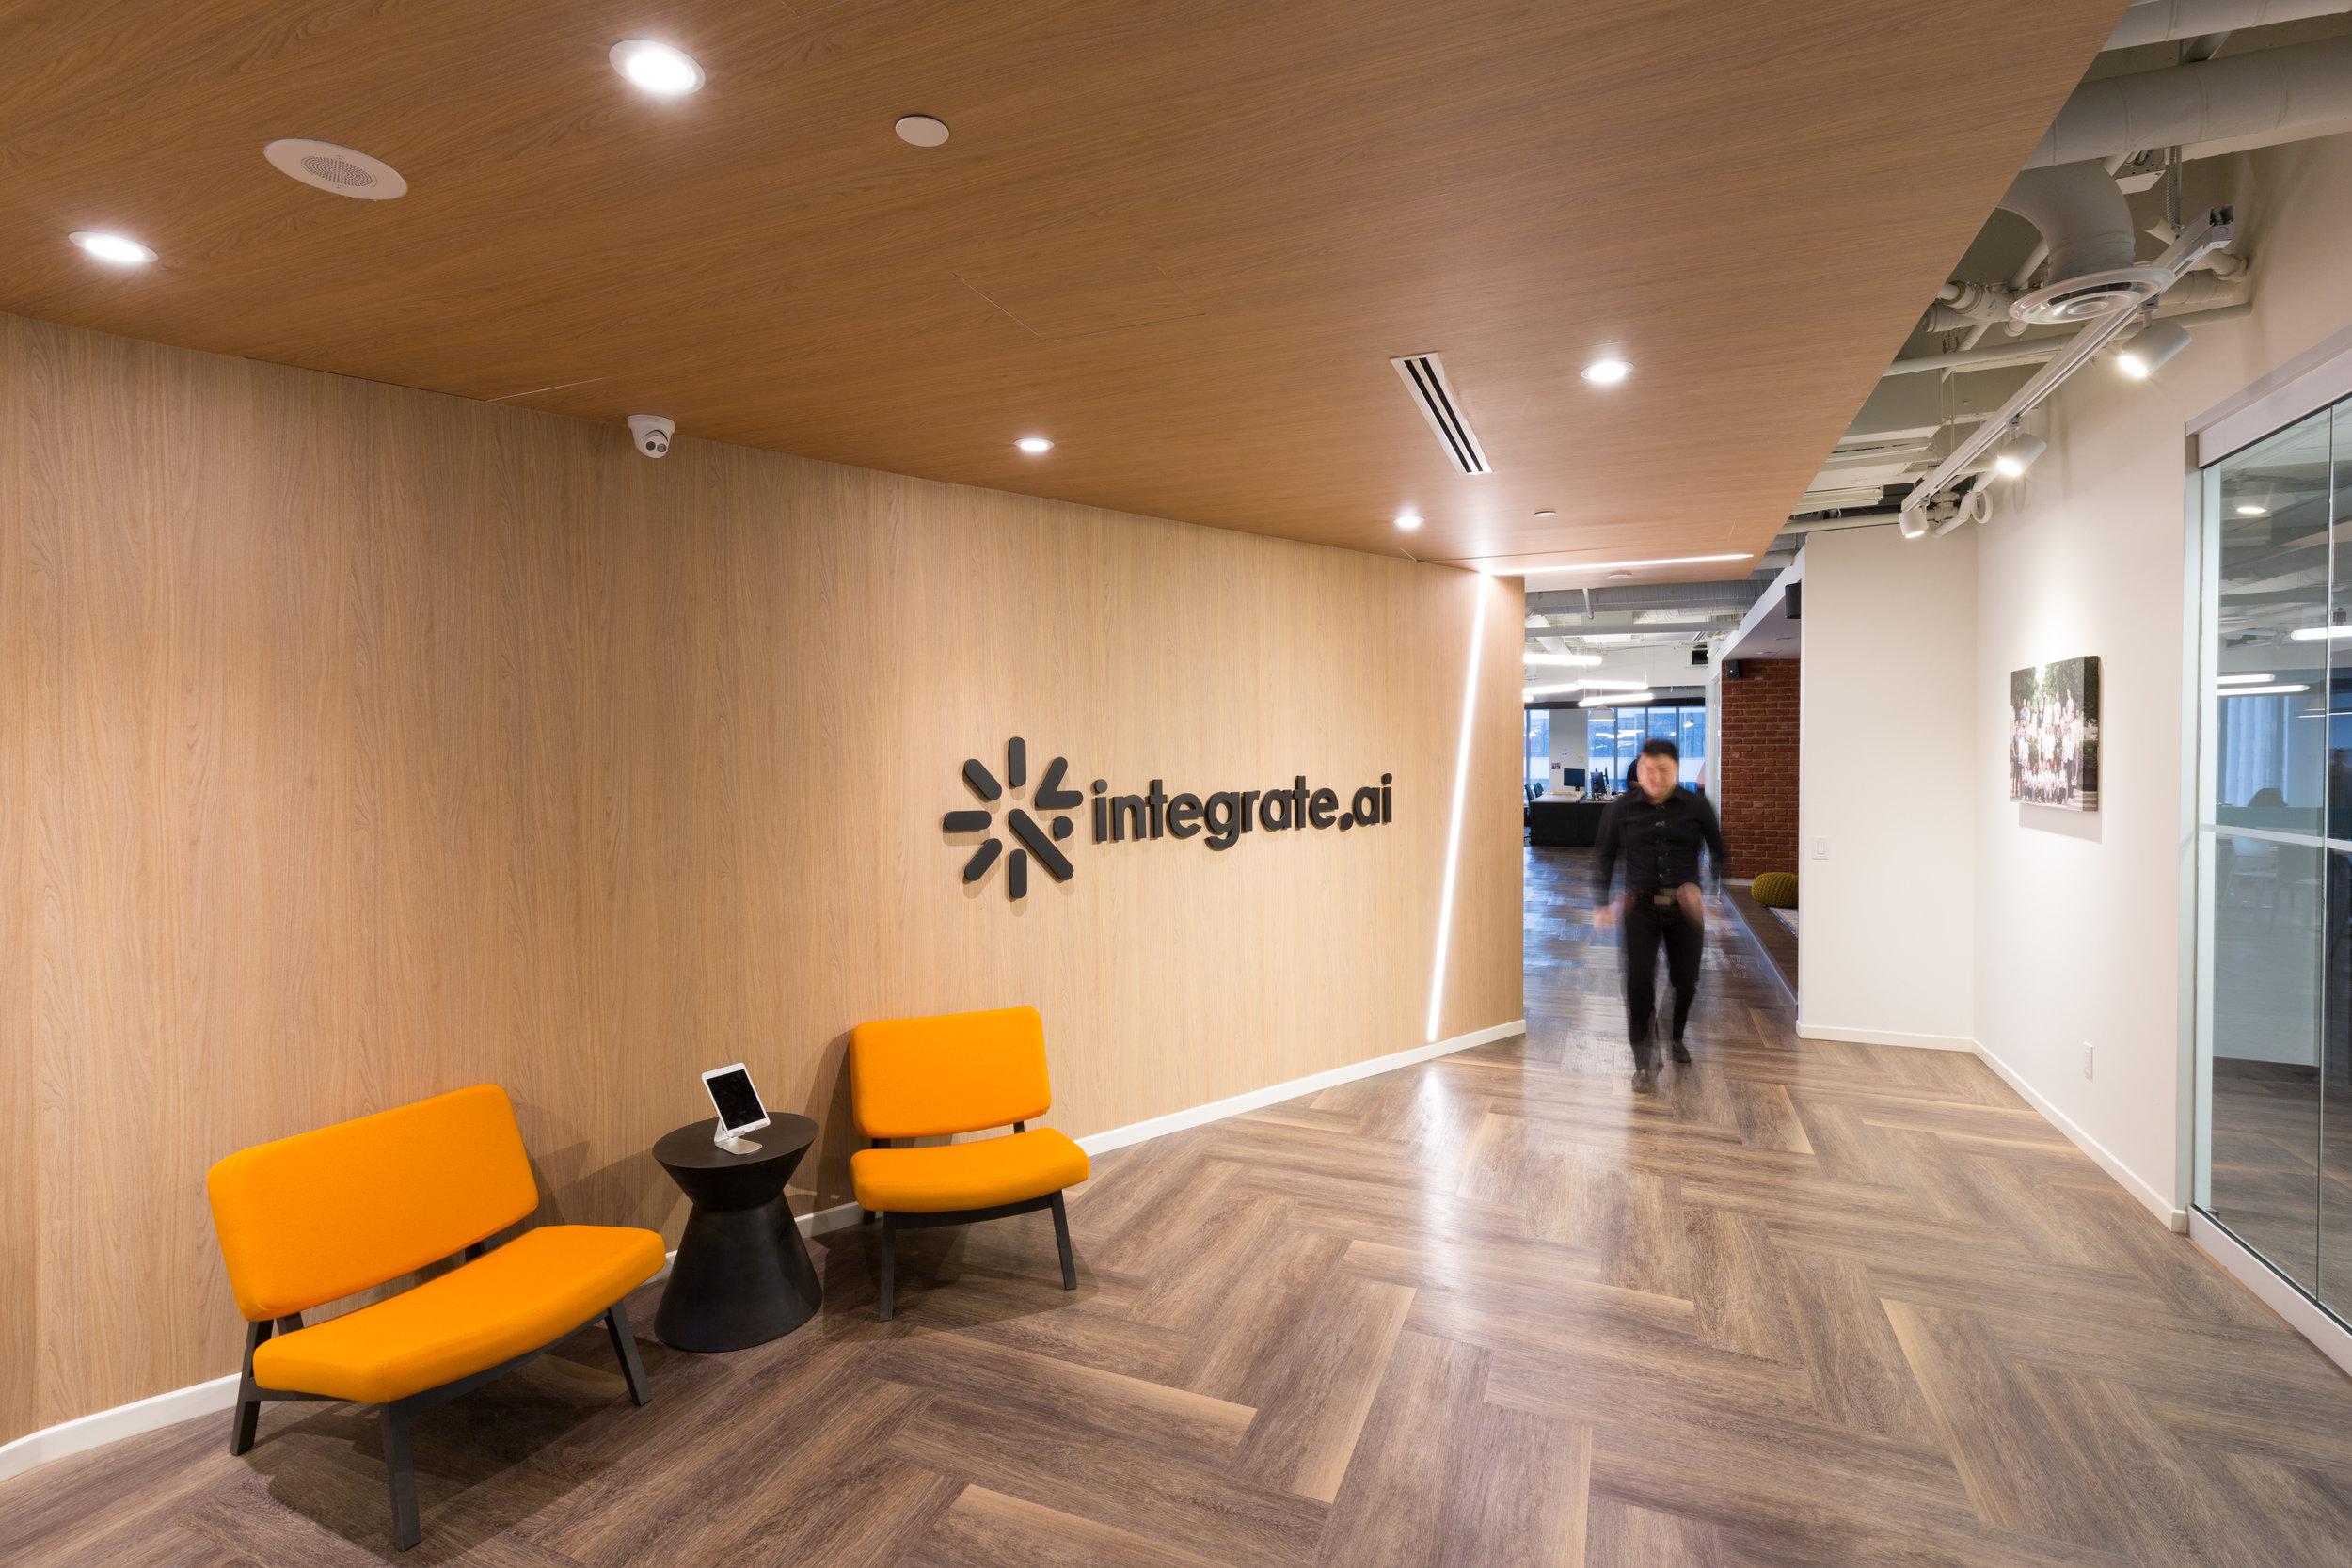 SDI Design - Integrate AI-1.jpg